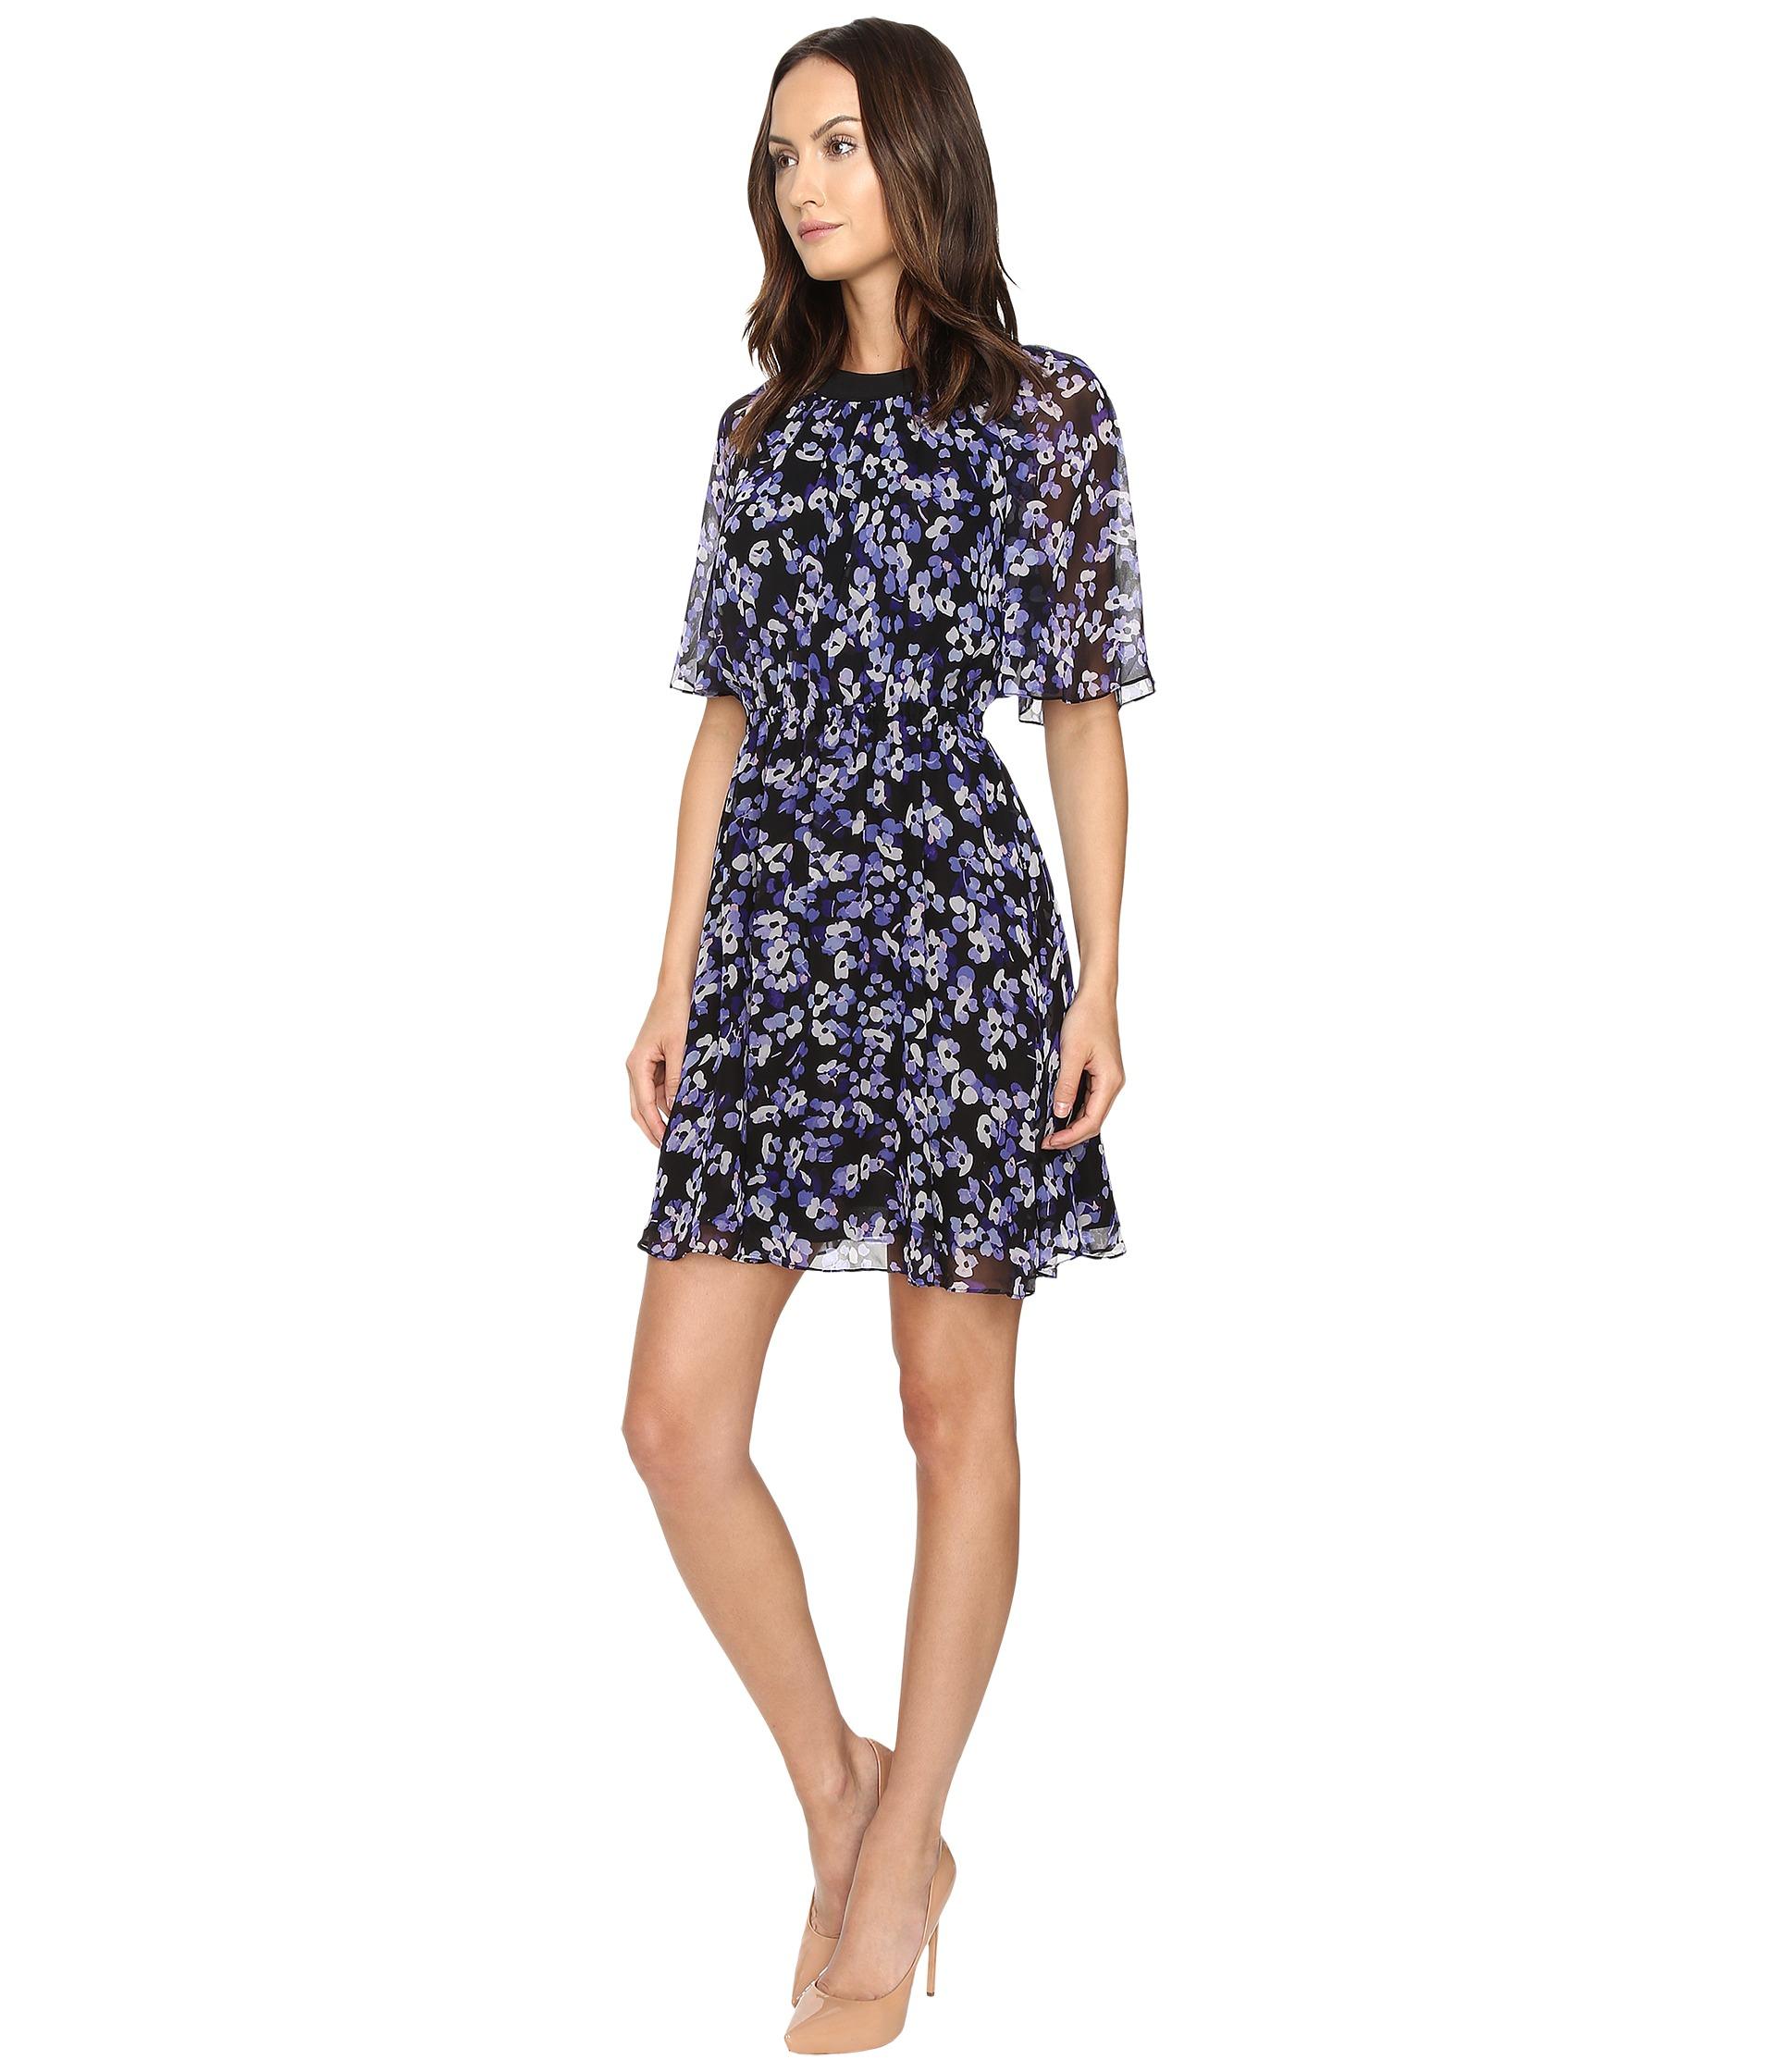 89e7262d69888 Lyst - Kate Spade Hydrangea Chiffon Dress in Black